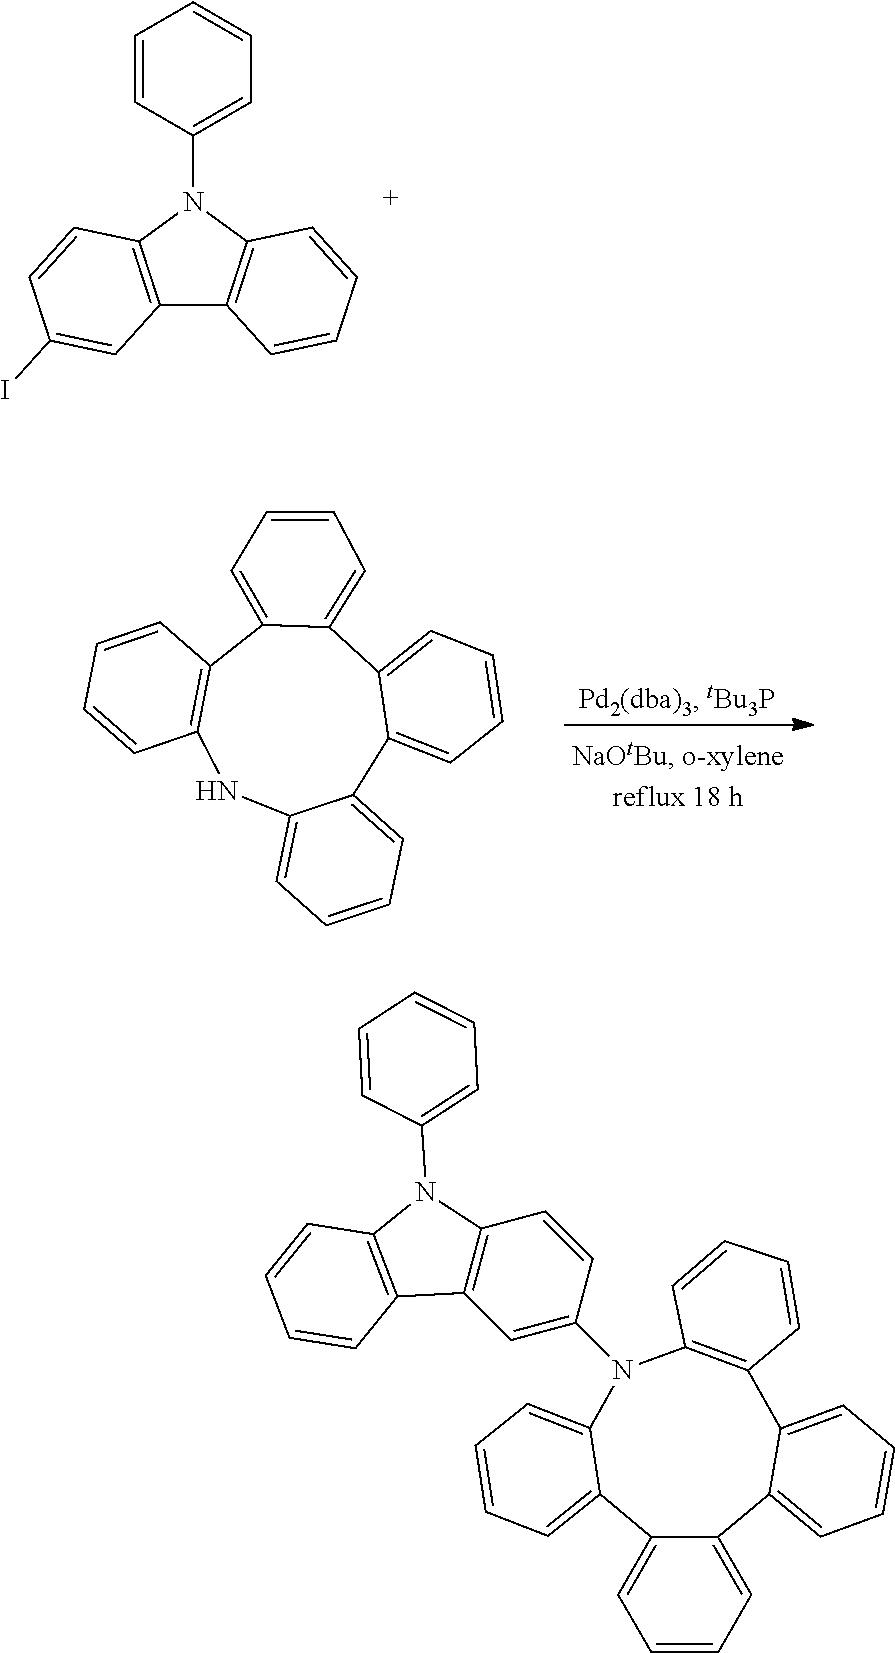 Figure US09978956-20180522-C00110